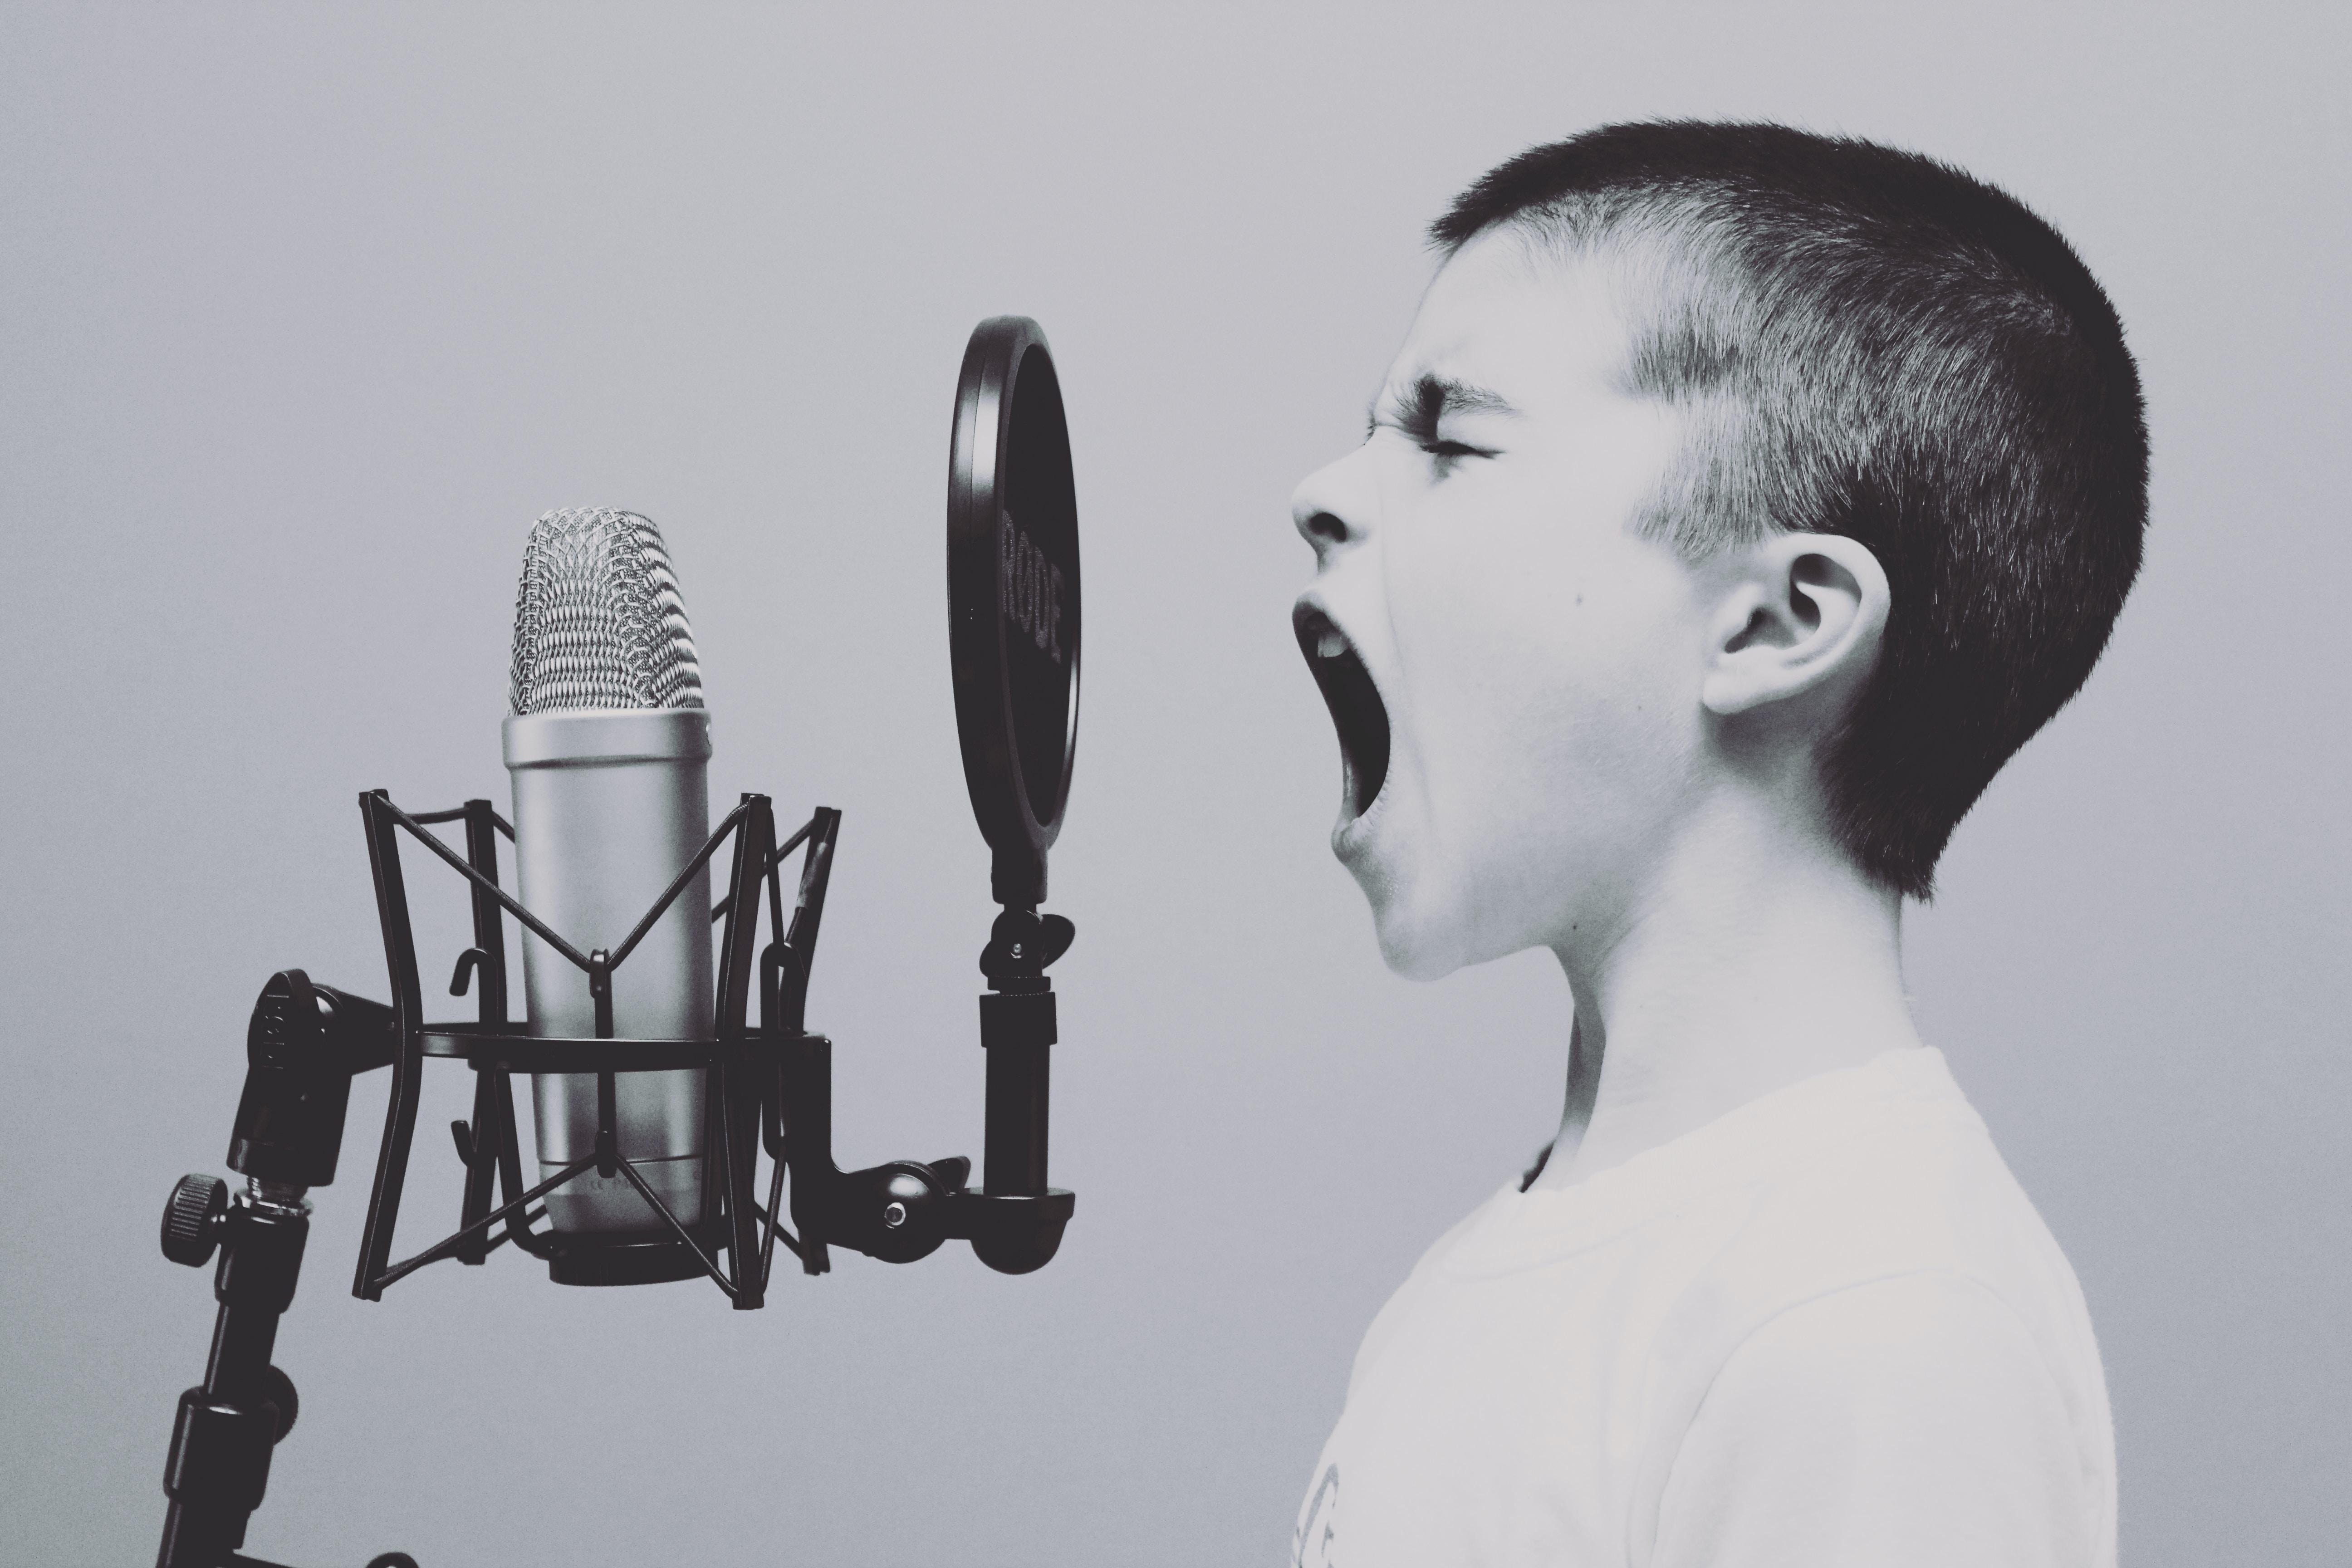 AI Recreates Bourdain's Voice